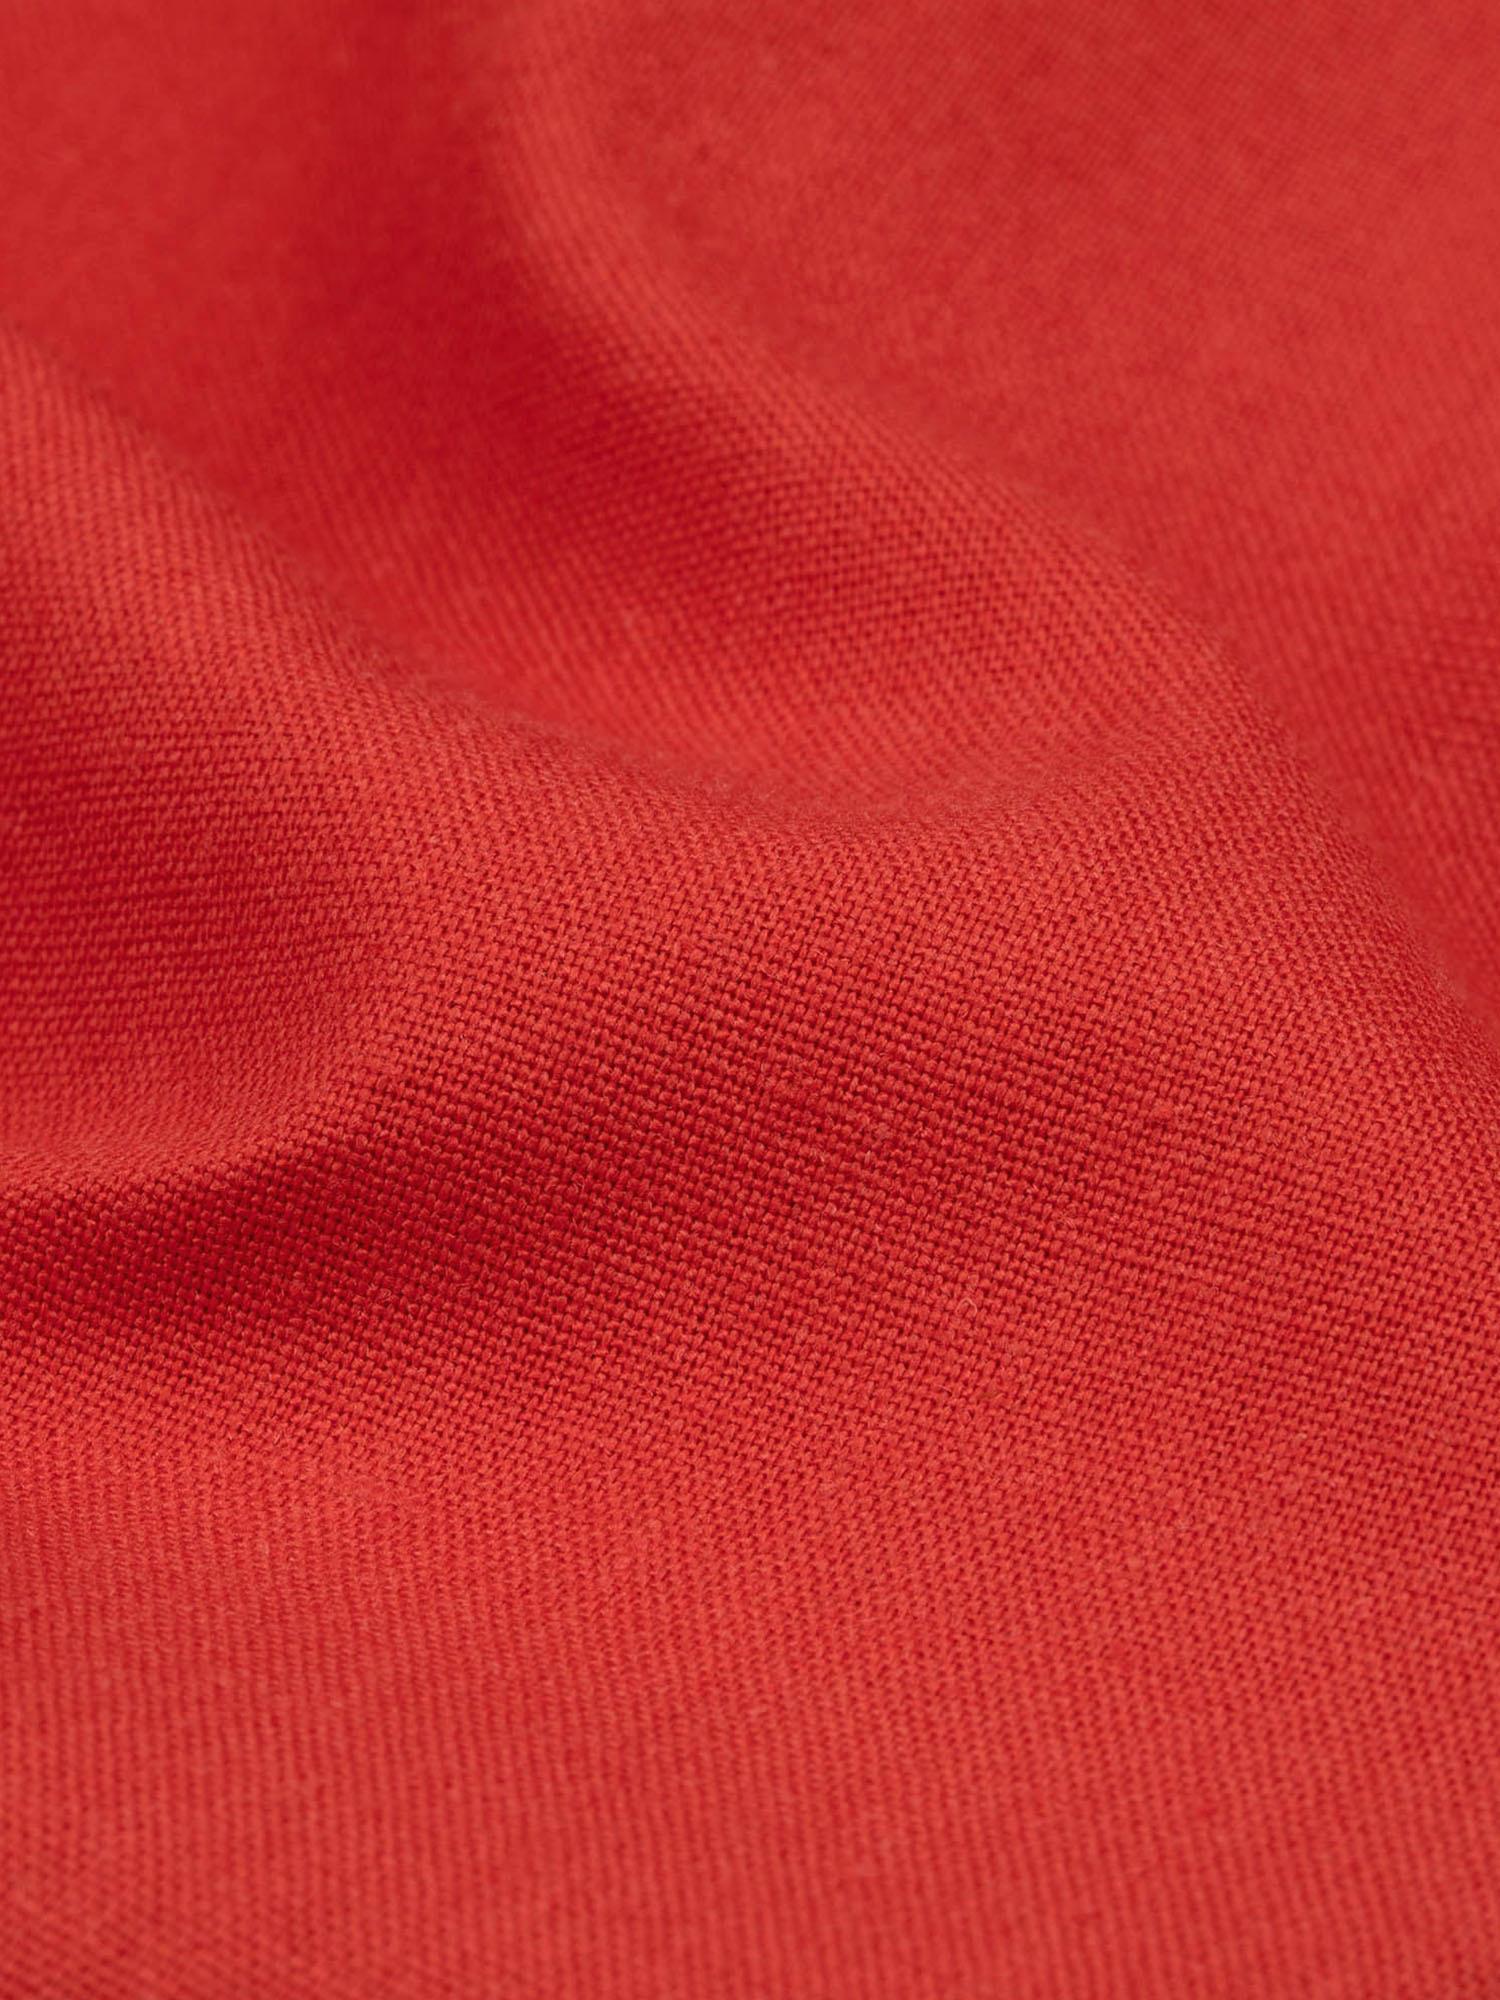 YDENCE YDENCE - Broek doris koraal rood